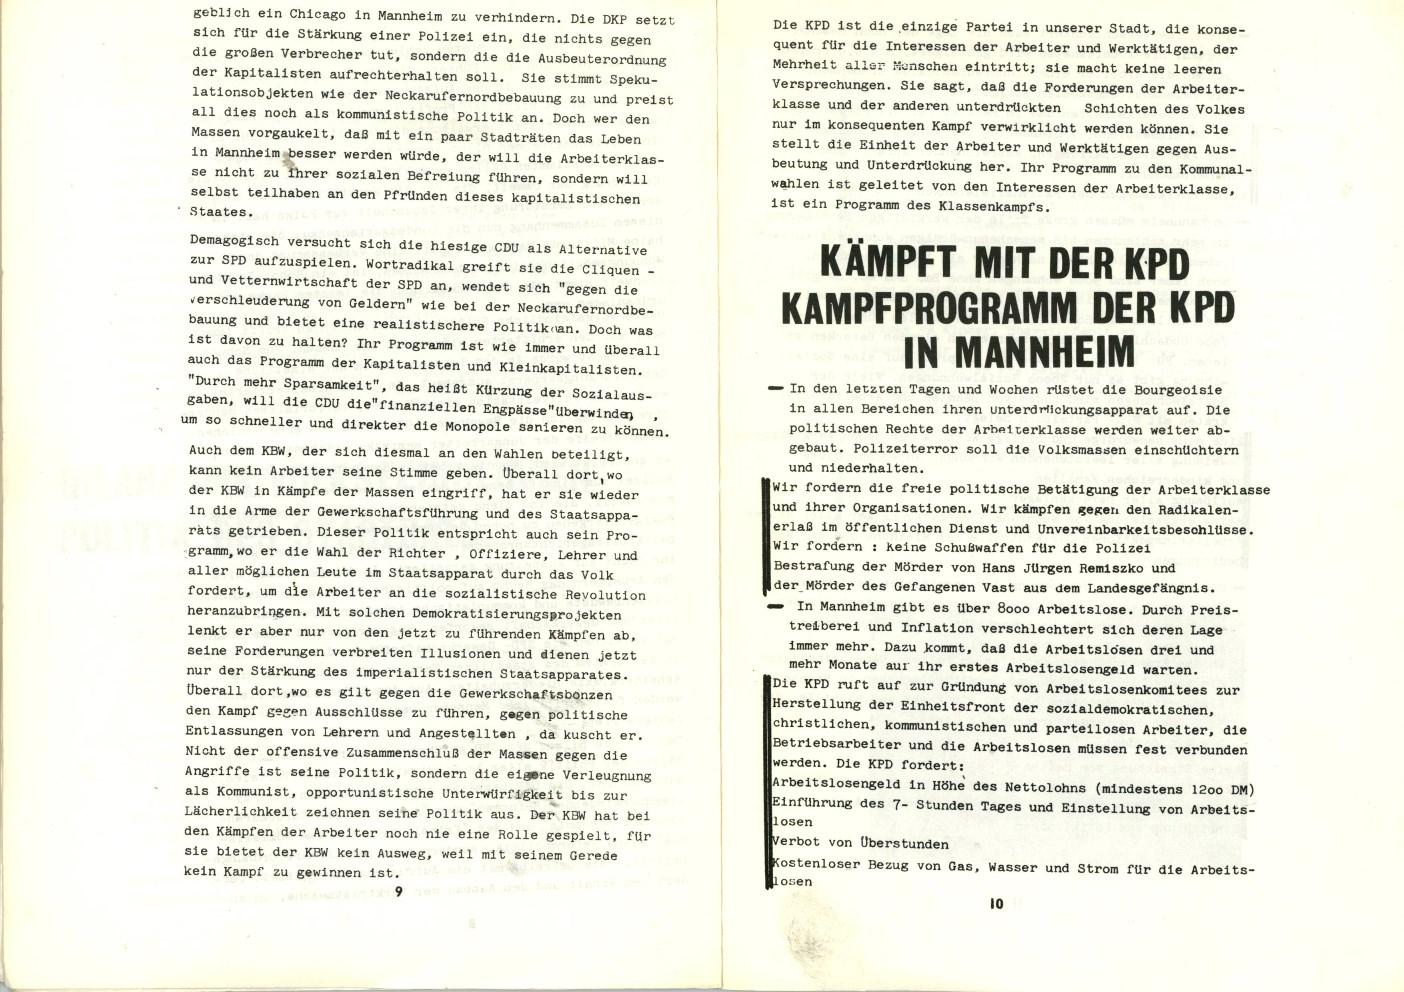 Mannheim_KPDAO_Kommunalwahlen_1975_06